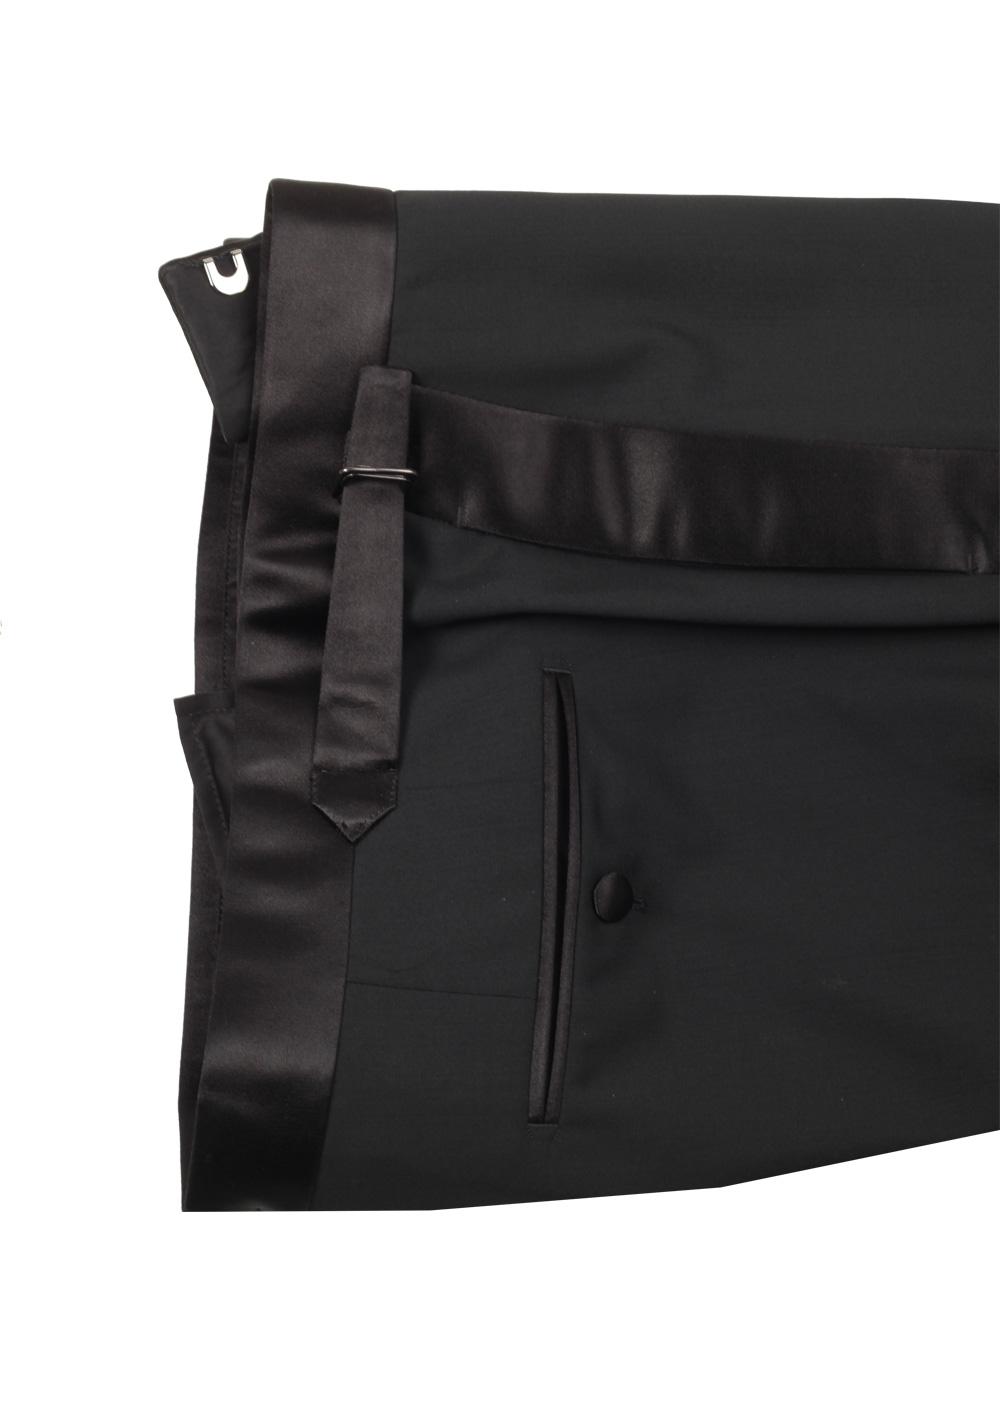 TOM FORD Shelton Black Tuxedo Suit Size 48 / 38R U.S. | Costume Limité